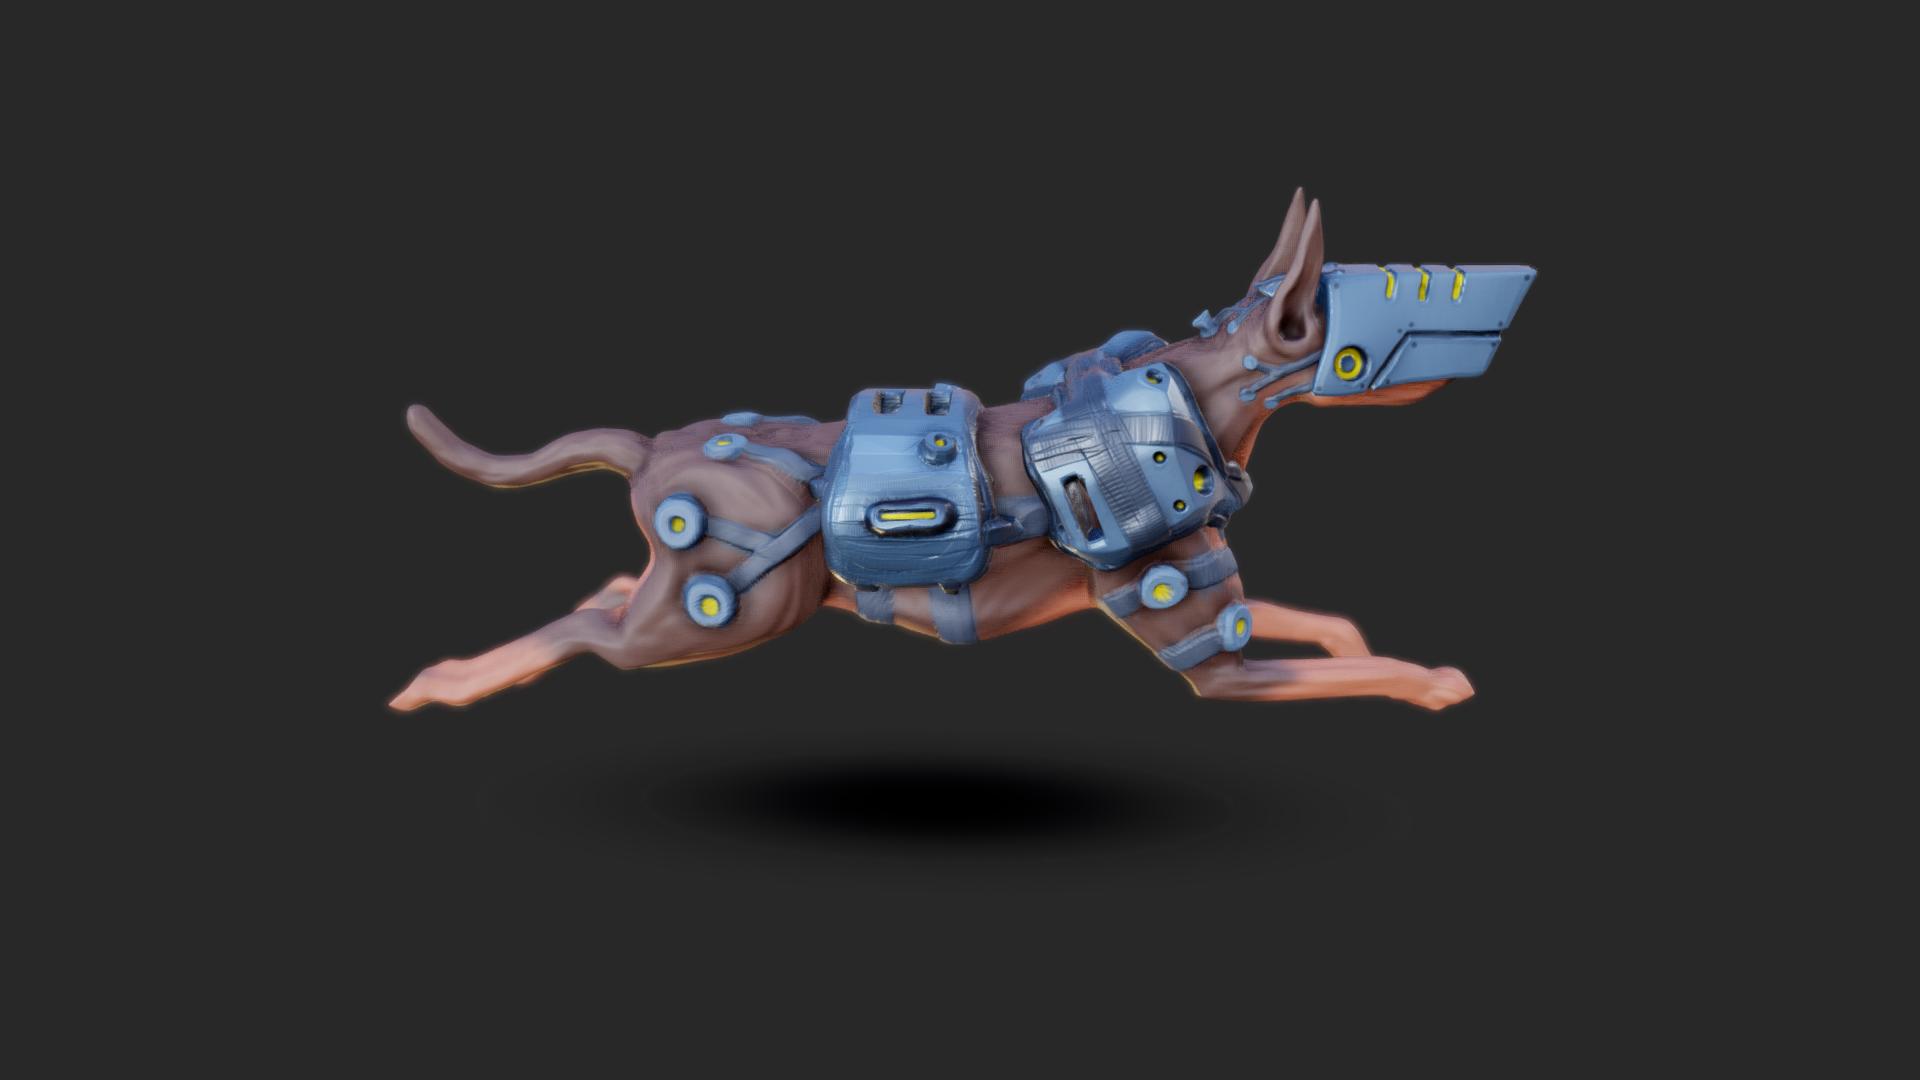 Mech Dog by chaitanyak